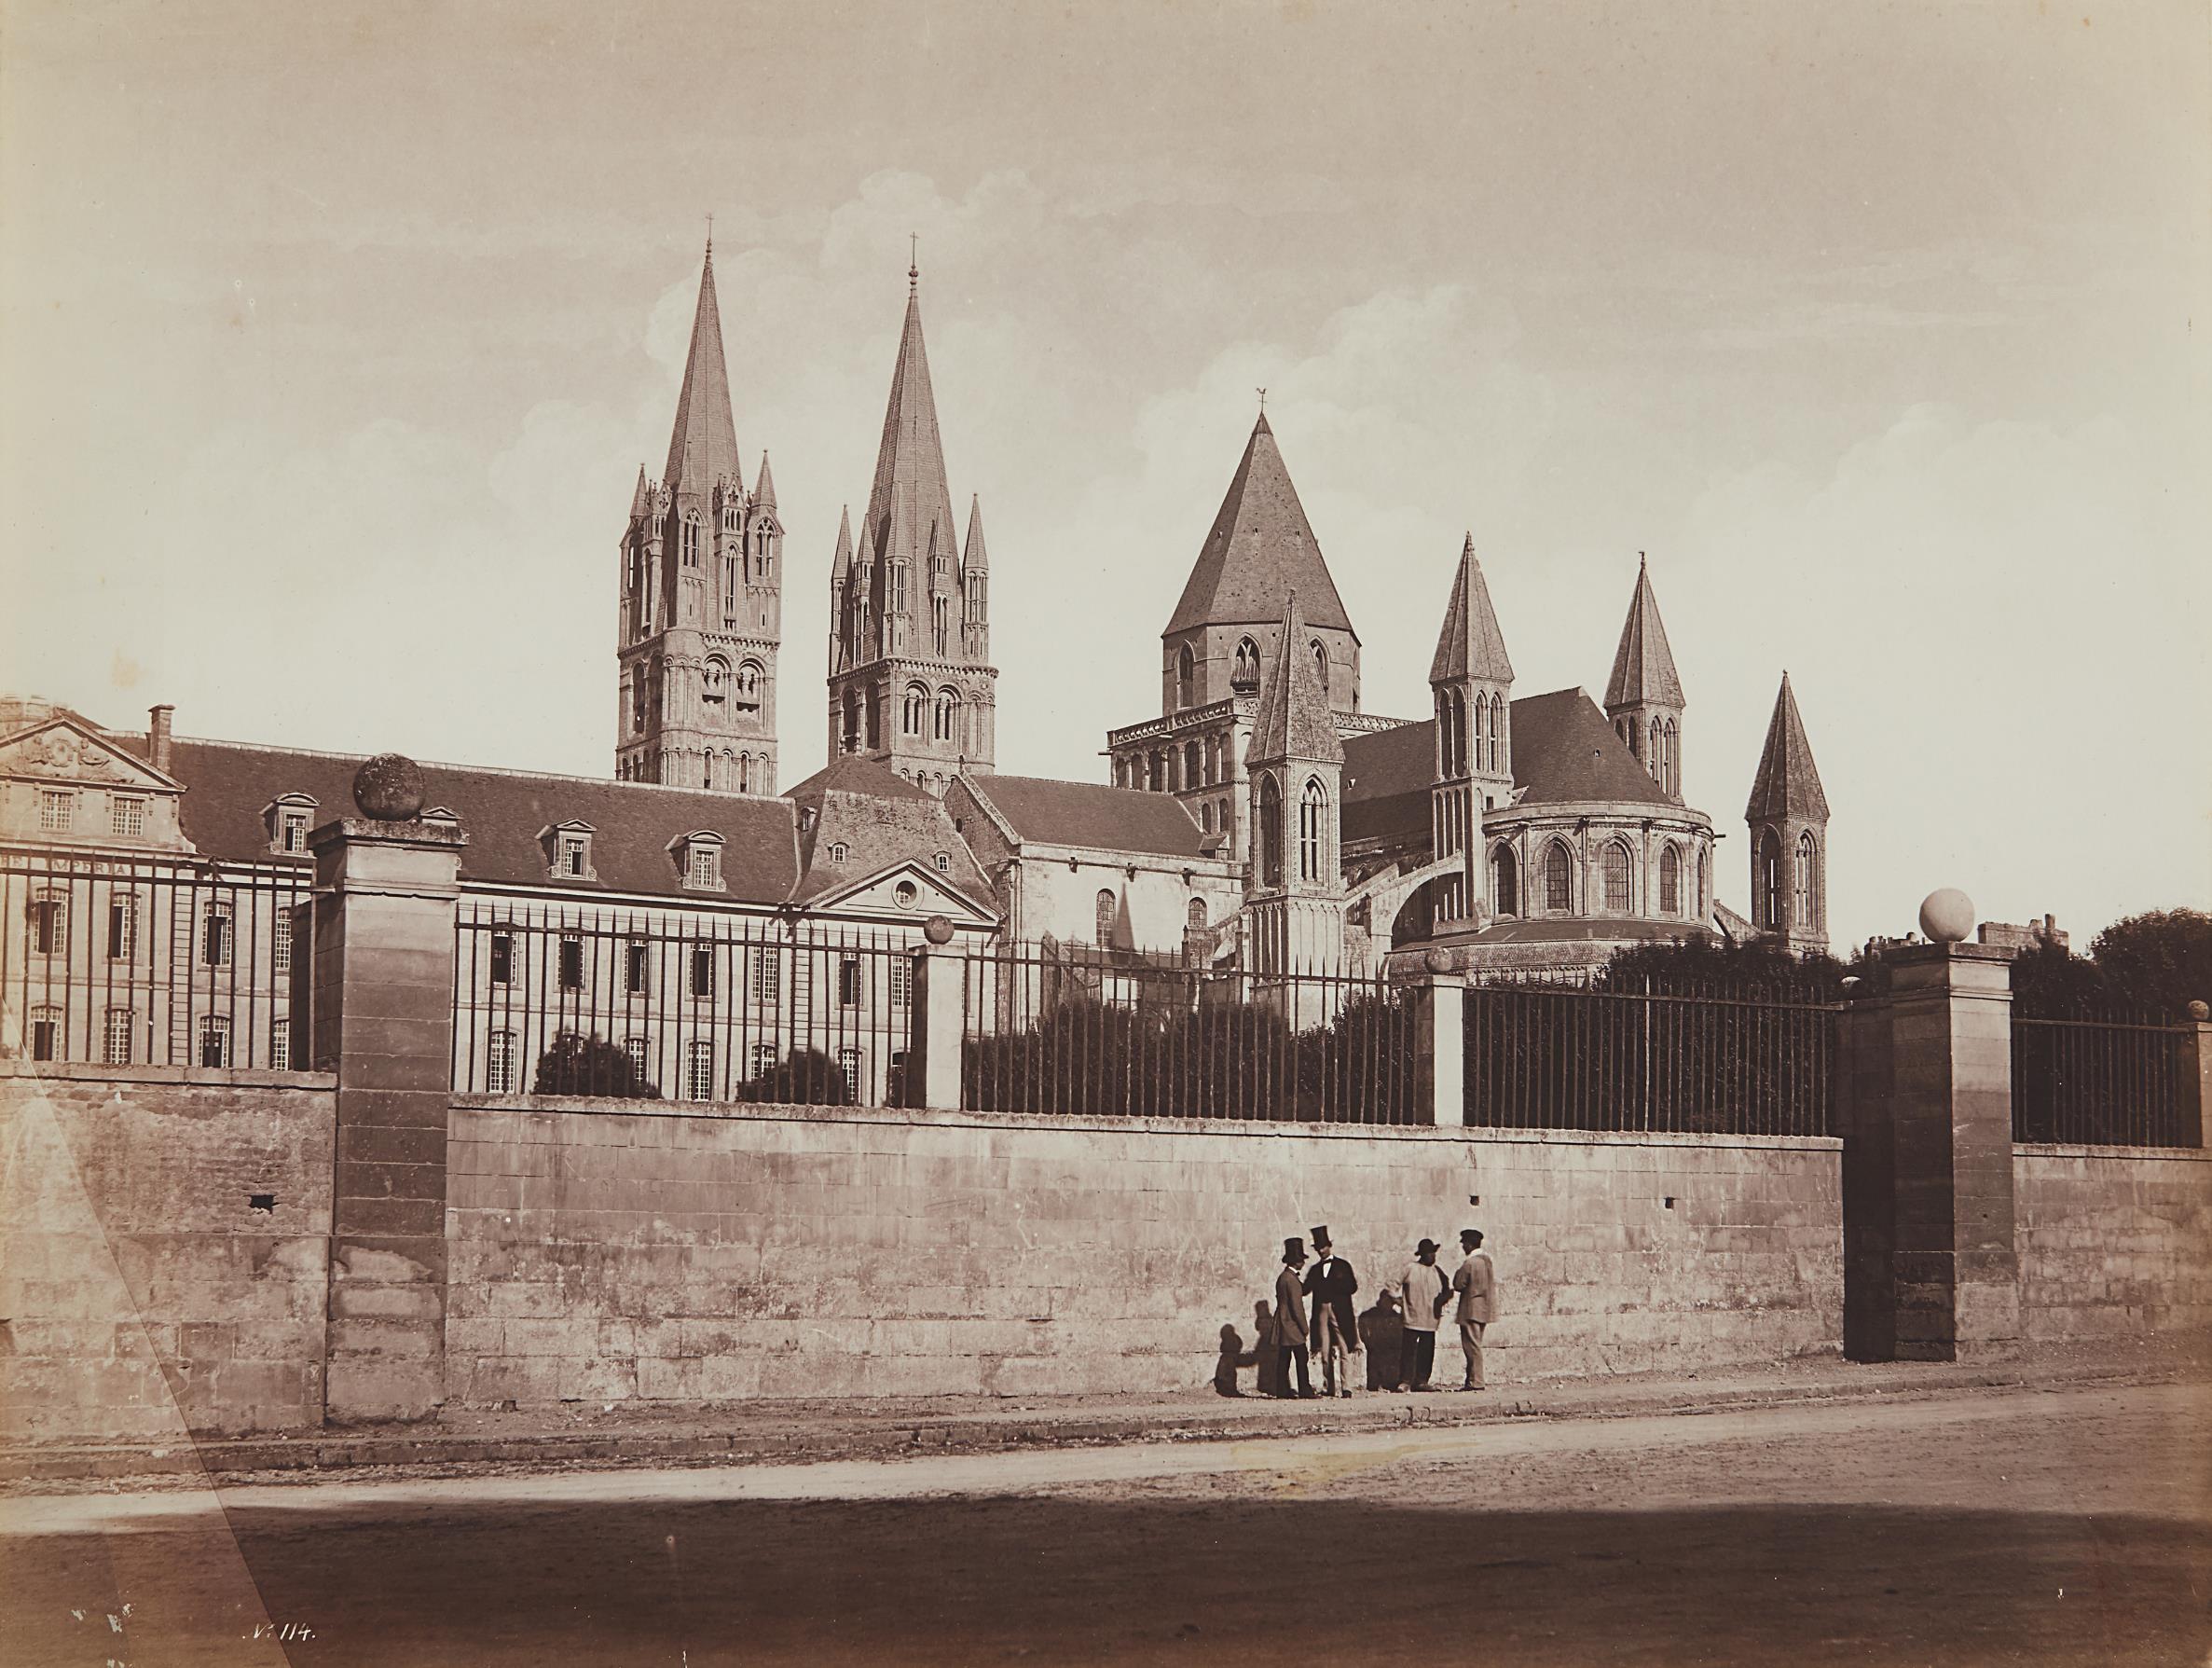 Edouard Baldus-Eglise Saint-Etienne de Caen, derriere le mur-1855